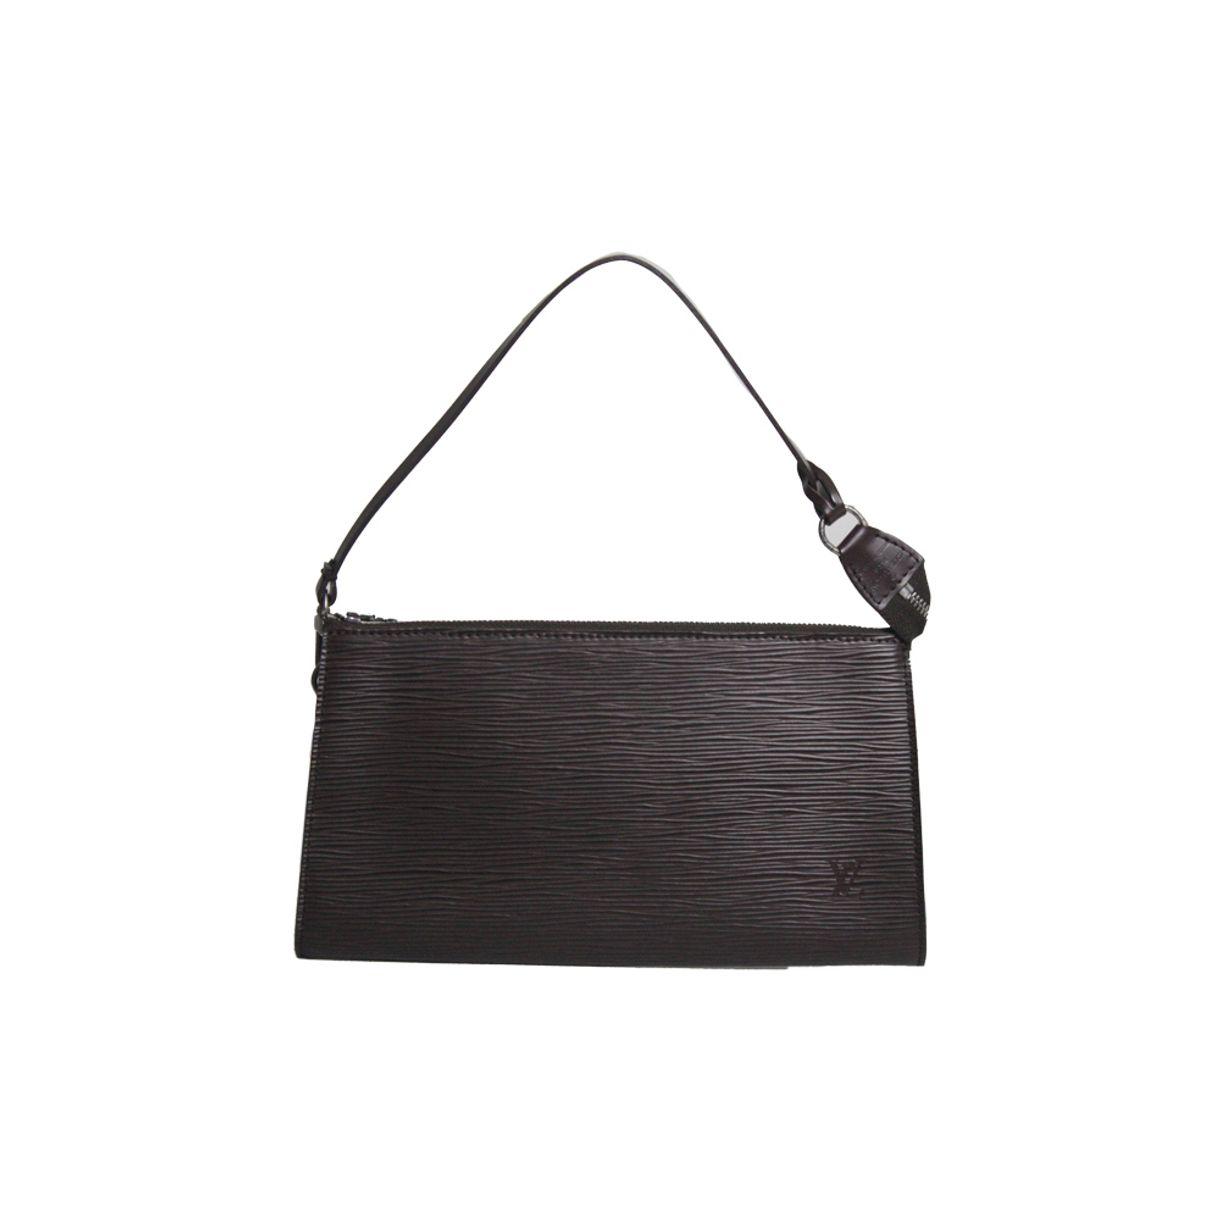 Bolsa-Louis-Vuitton-Epi-Pochette-Marrom